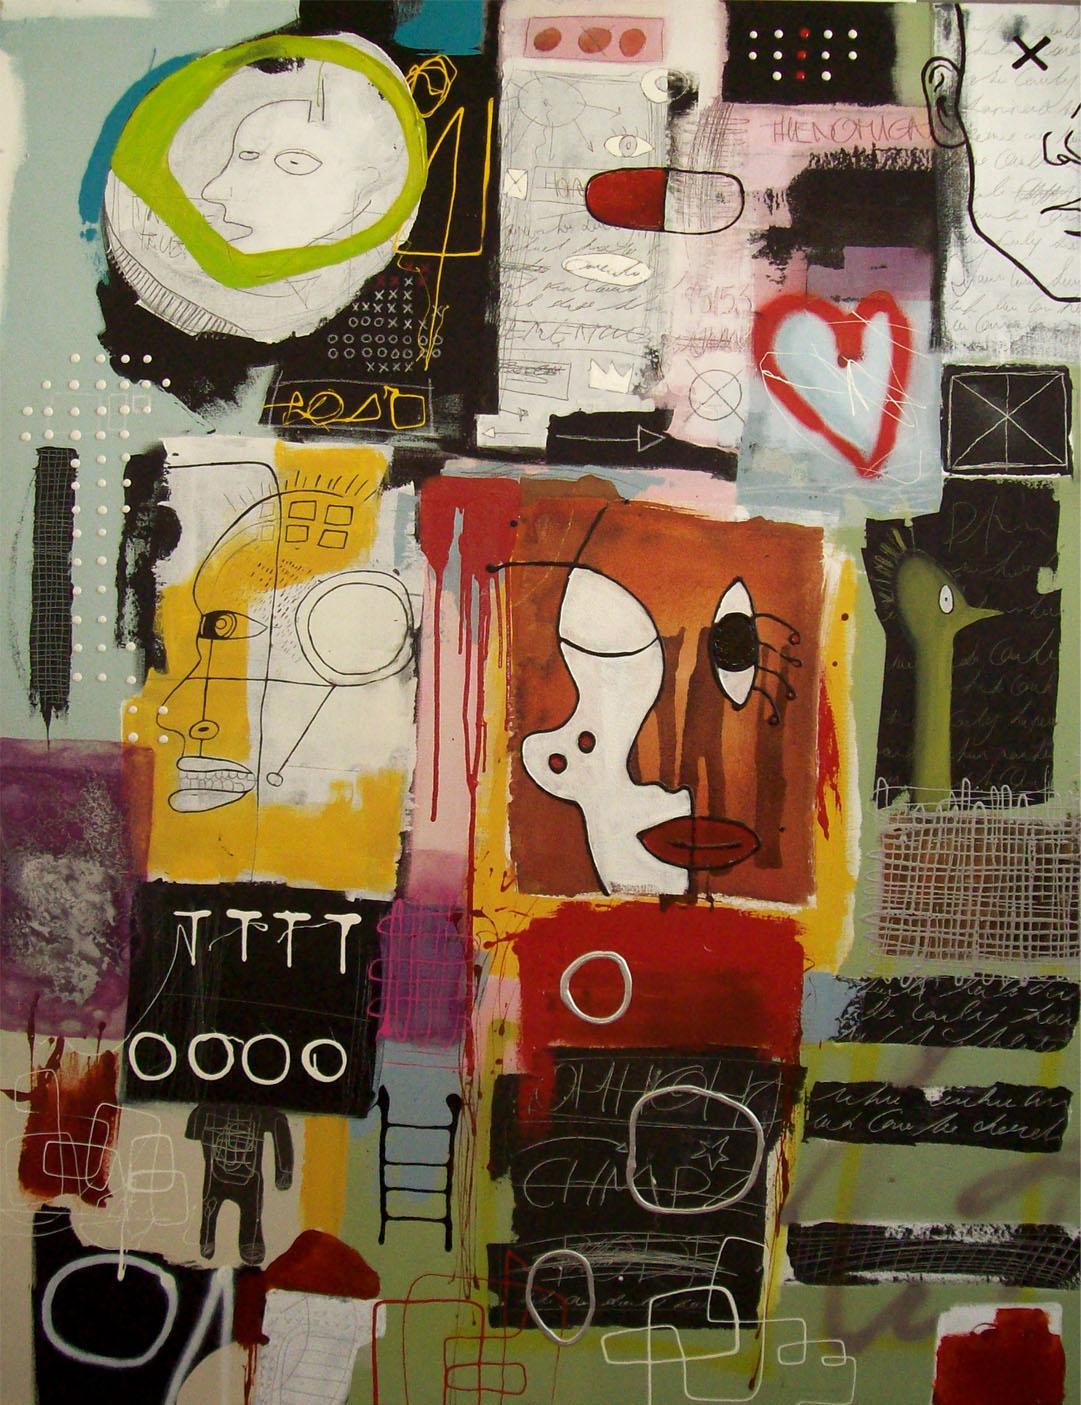 Vicky Sanders Abstract - Ching Chong Cha